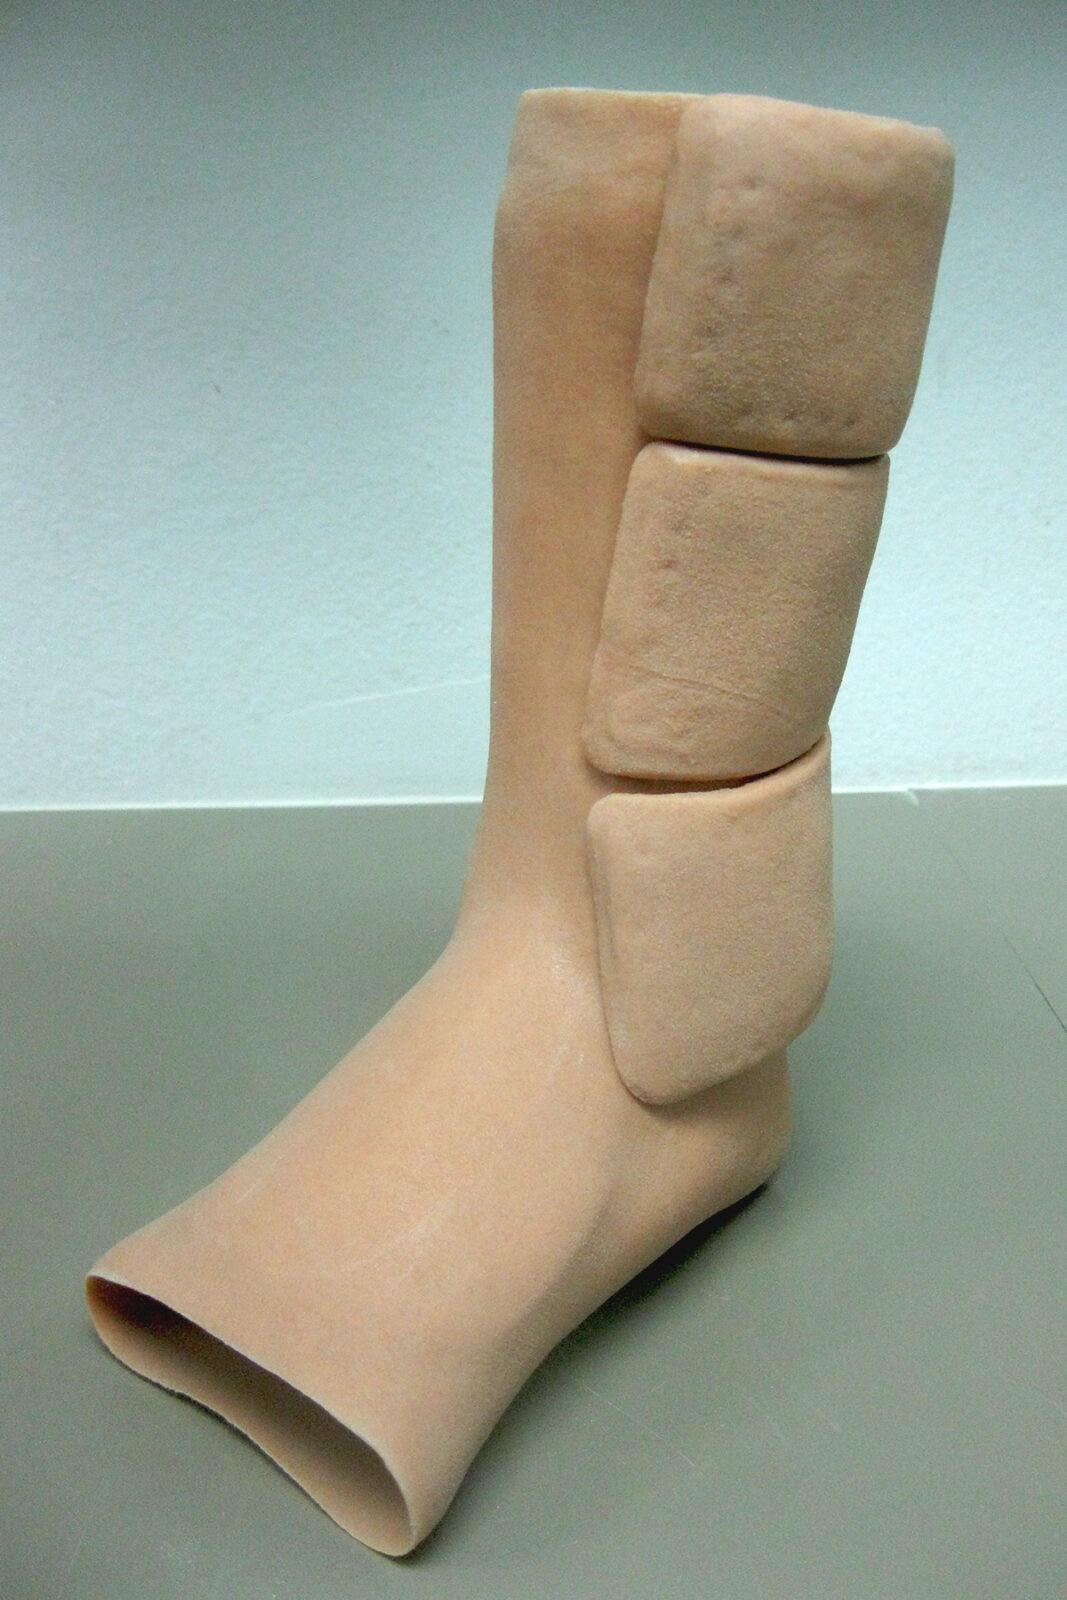 Silicone AFO velcro straps side